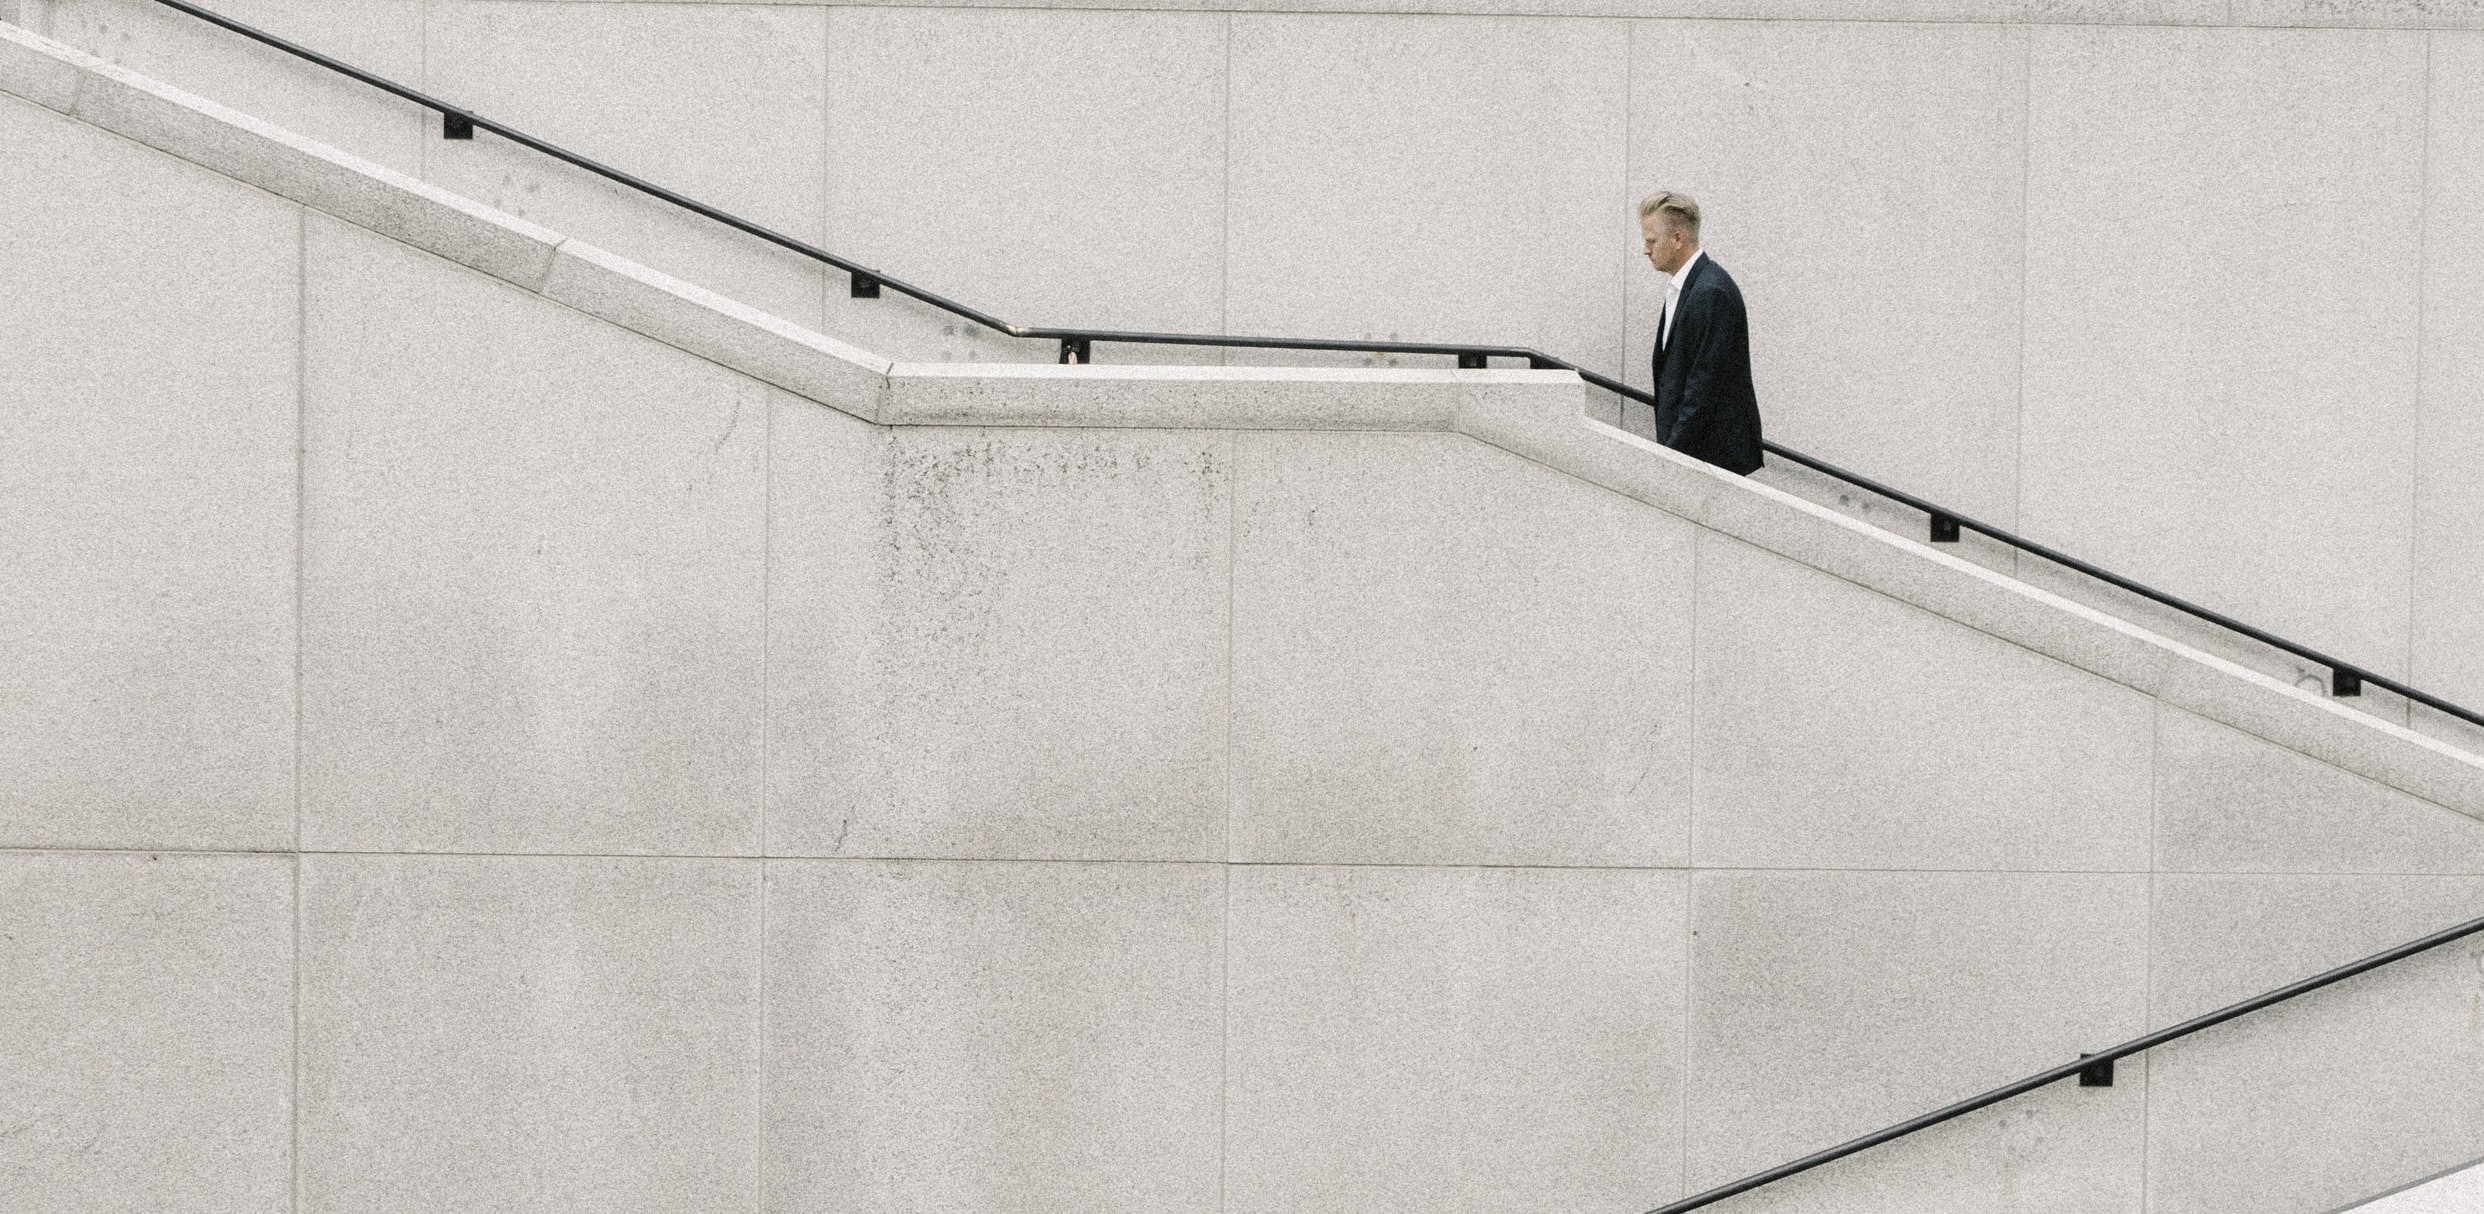 Minimalistisches Bild von einem mann, der die Treppe hochläuft